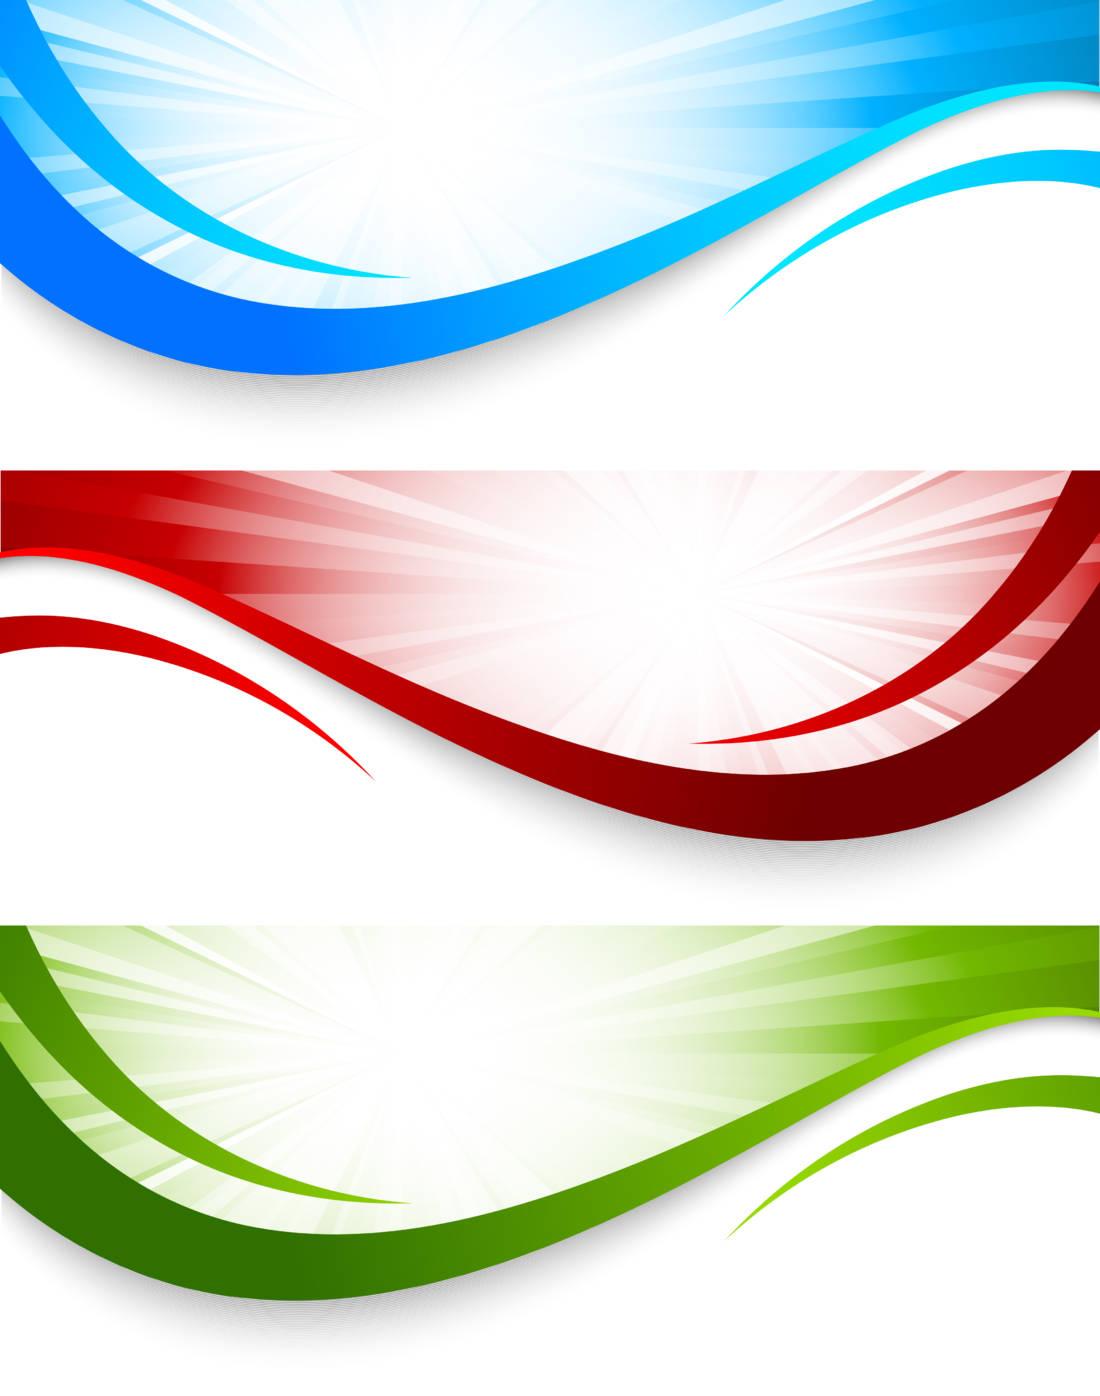 Background banner design clipart image transparent download Vector Design Background Banner Png - Cliparts.co image transparent download